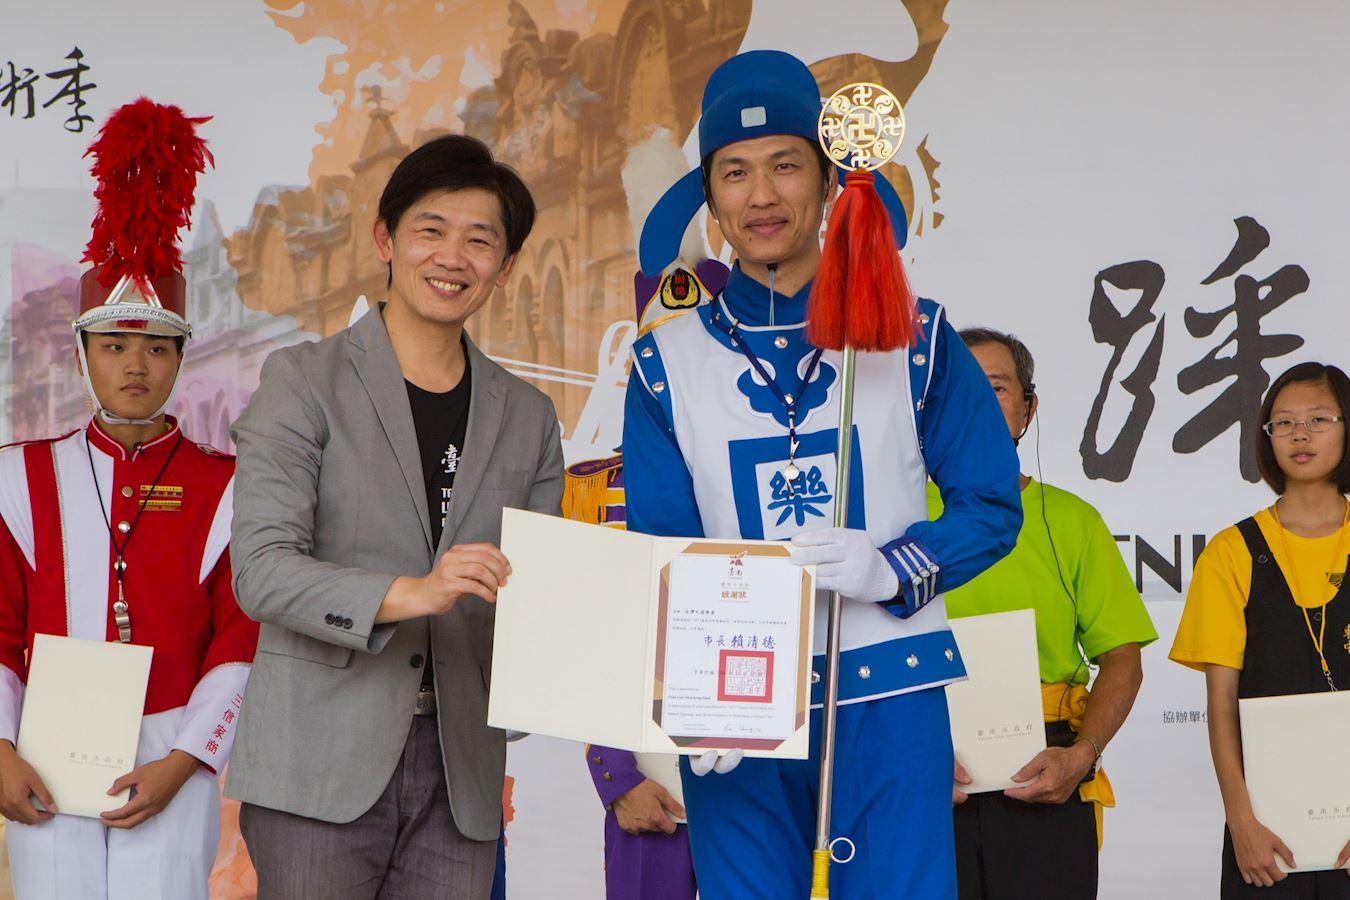 """台南市文化局长叶泽山说:""""感谢参加的乐团为提升台南的音乐文化、活络地方艺文发展所作贡献。""""并颁感谢状给法轮大法天国乐团。(明慧网)"""